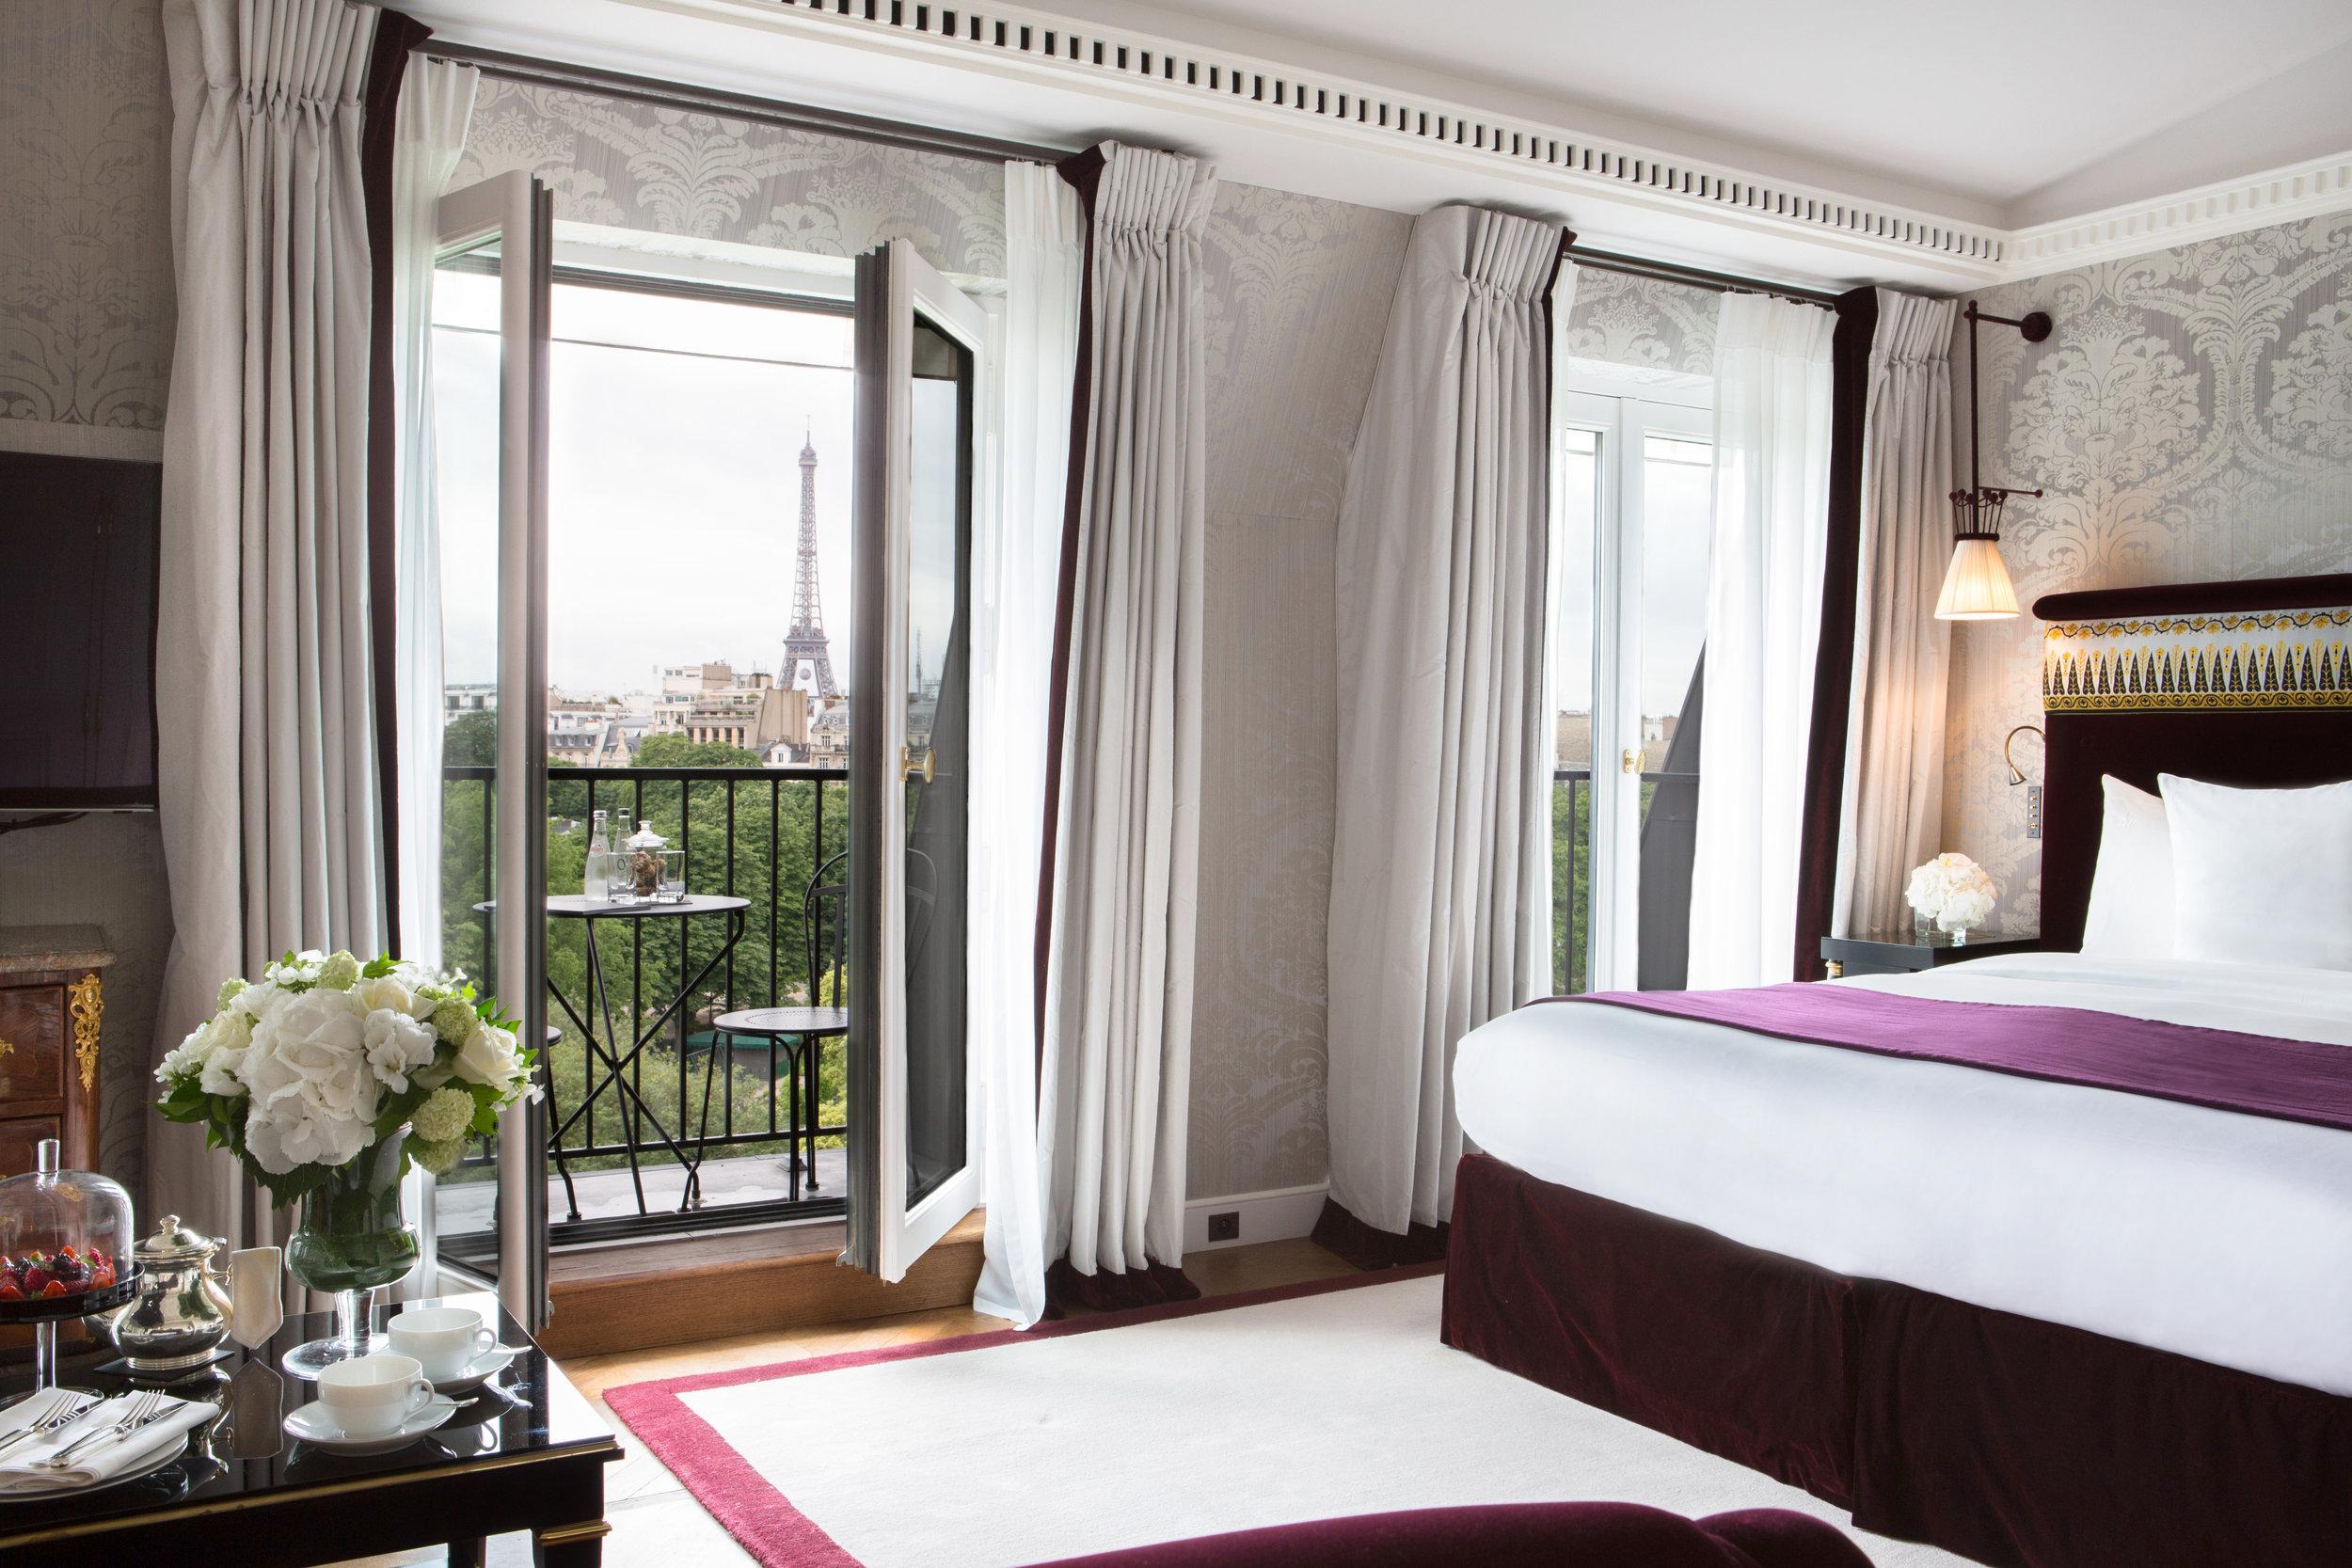 La Réserve Hotel & Spa - premier junior suite - Crédits photo G. Gardette - La Réserve Paris.jpg